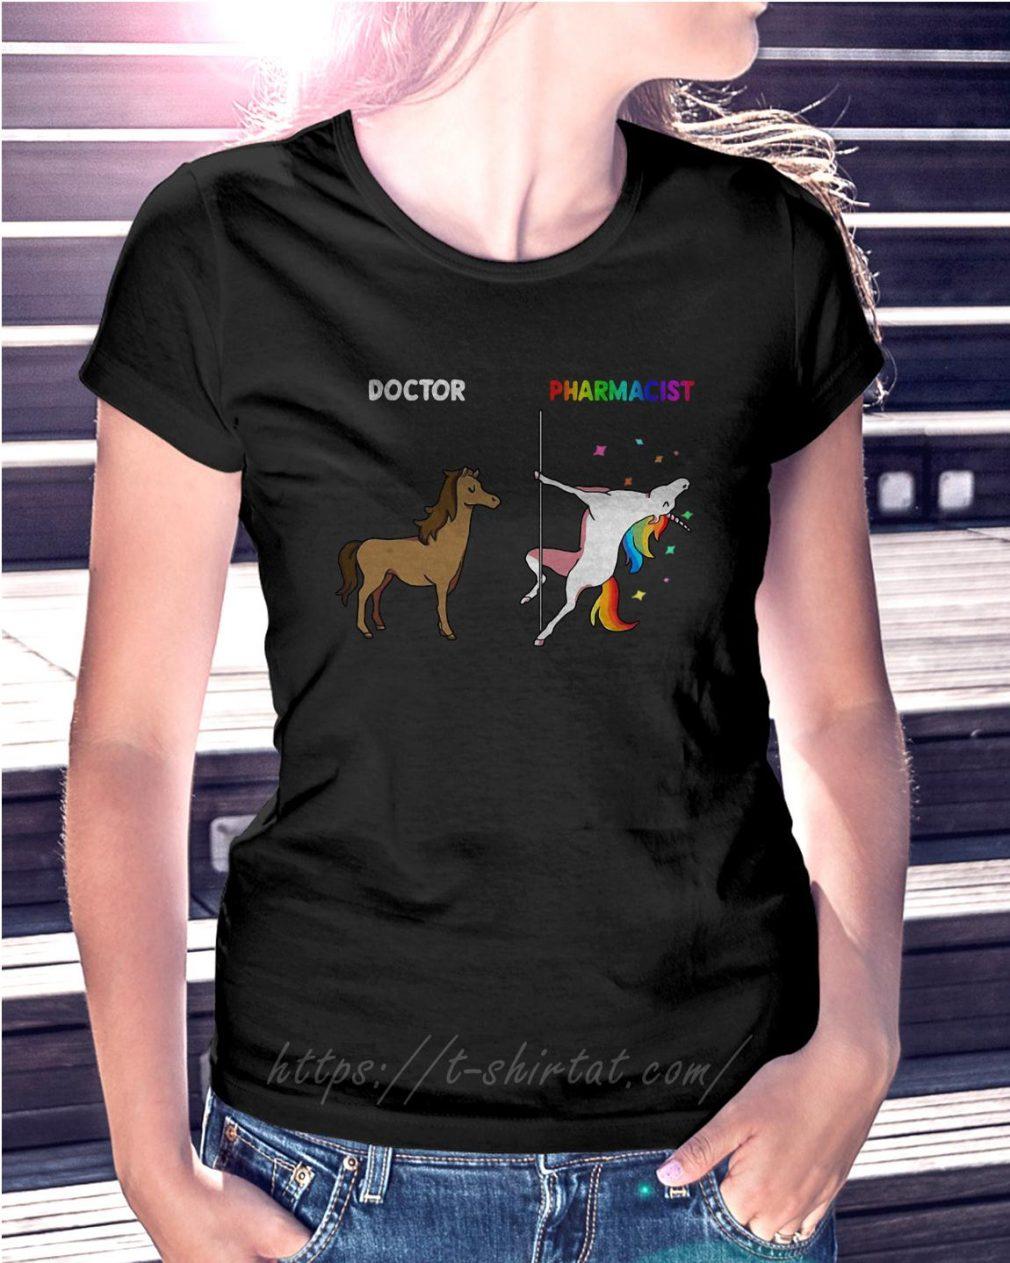 Horse doctor and unicorn pharmacist Ladies Tee